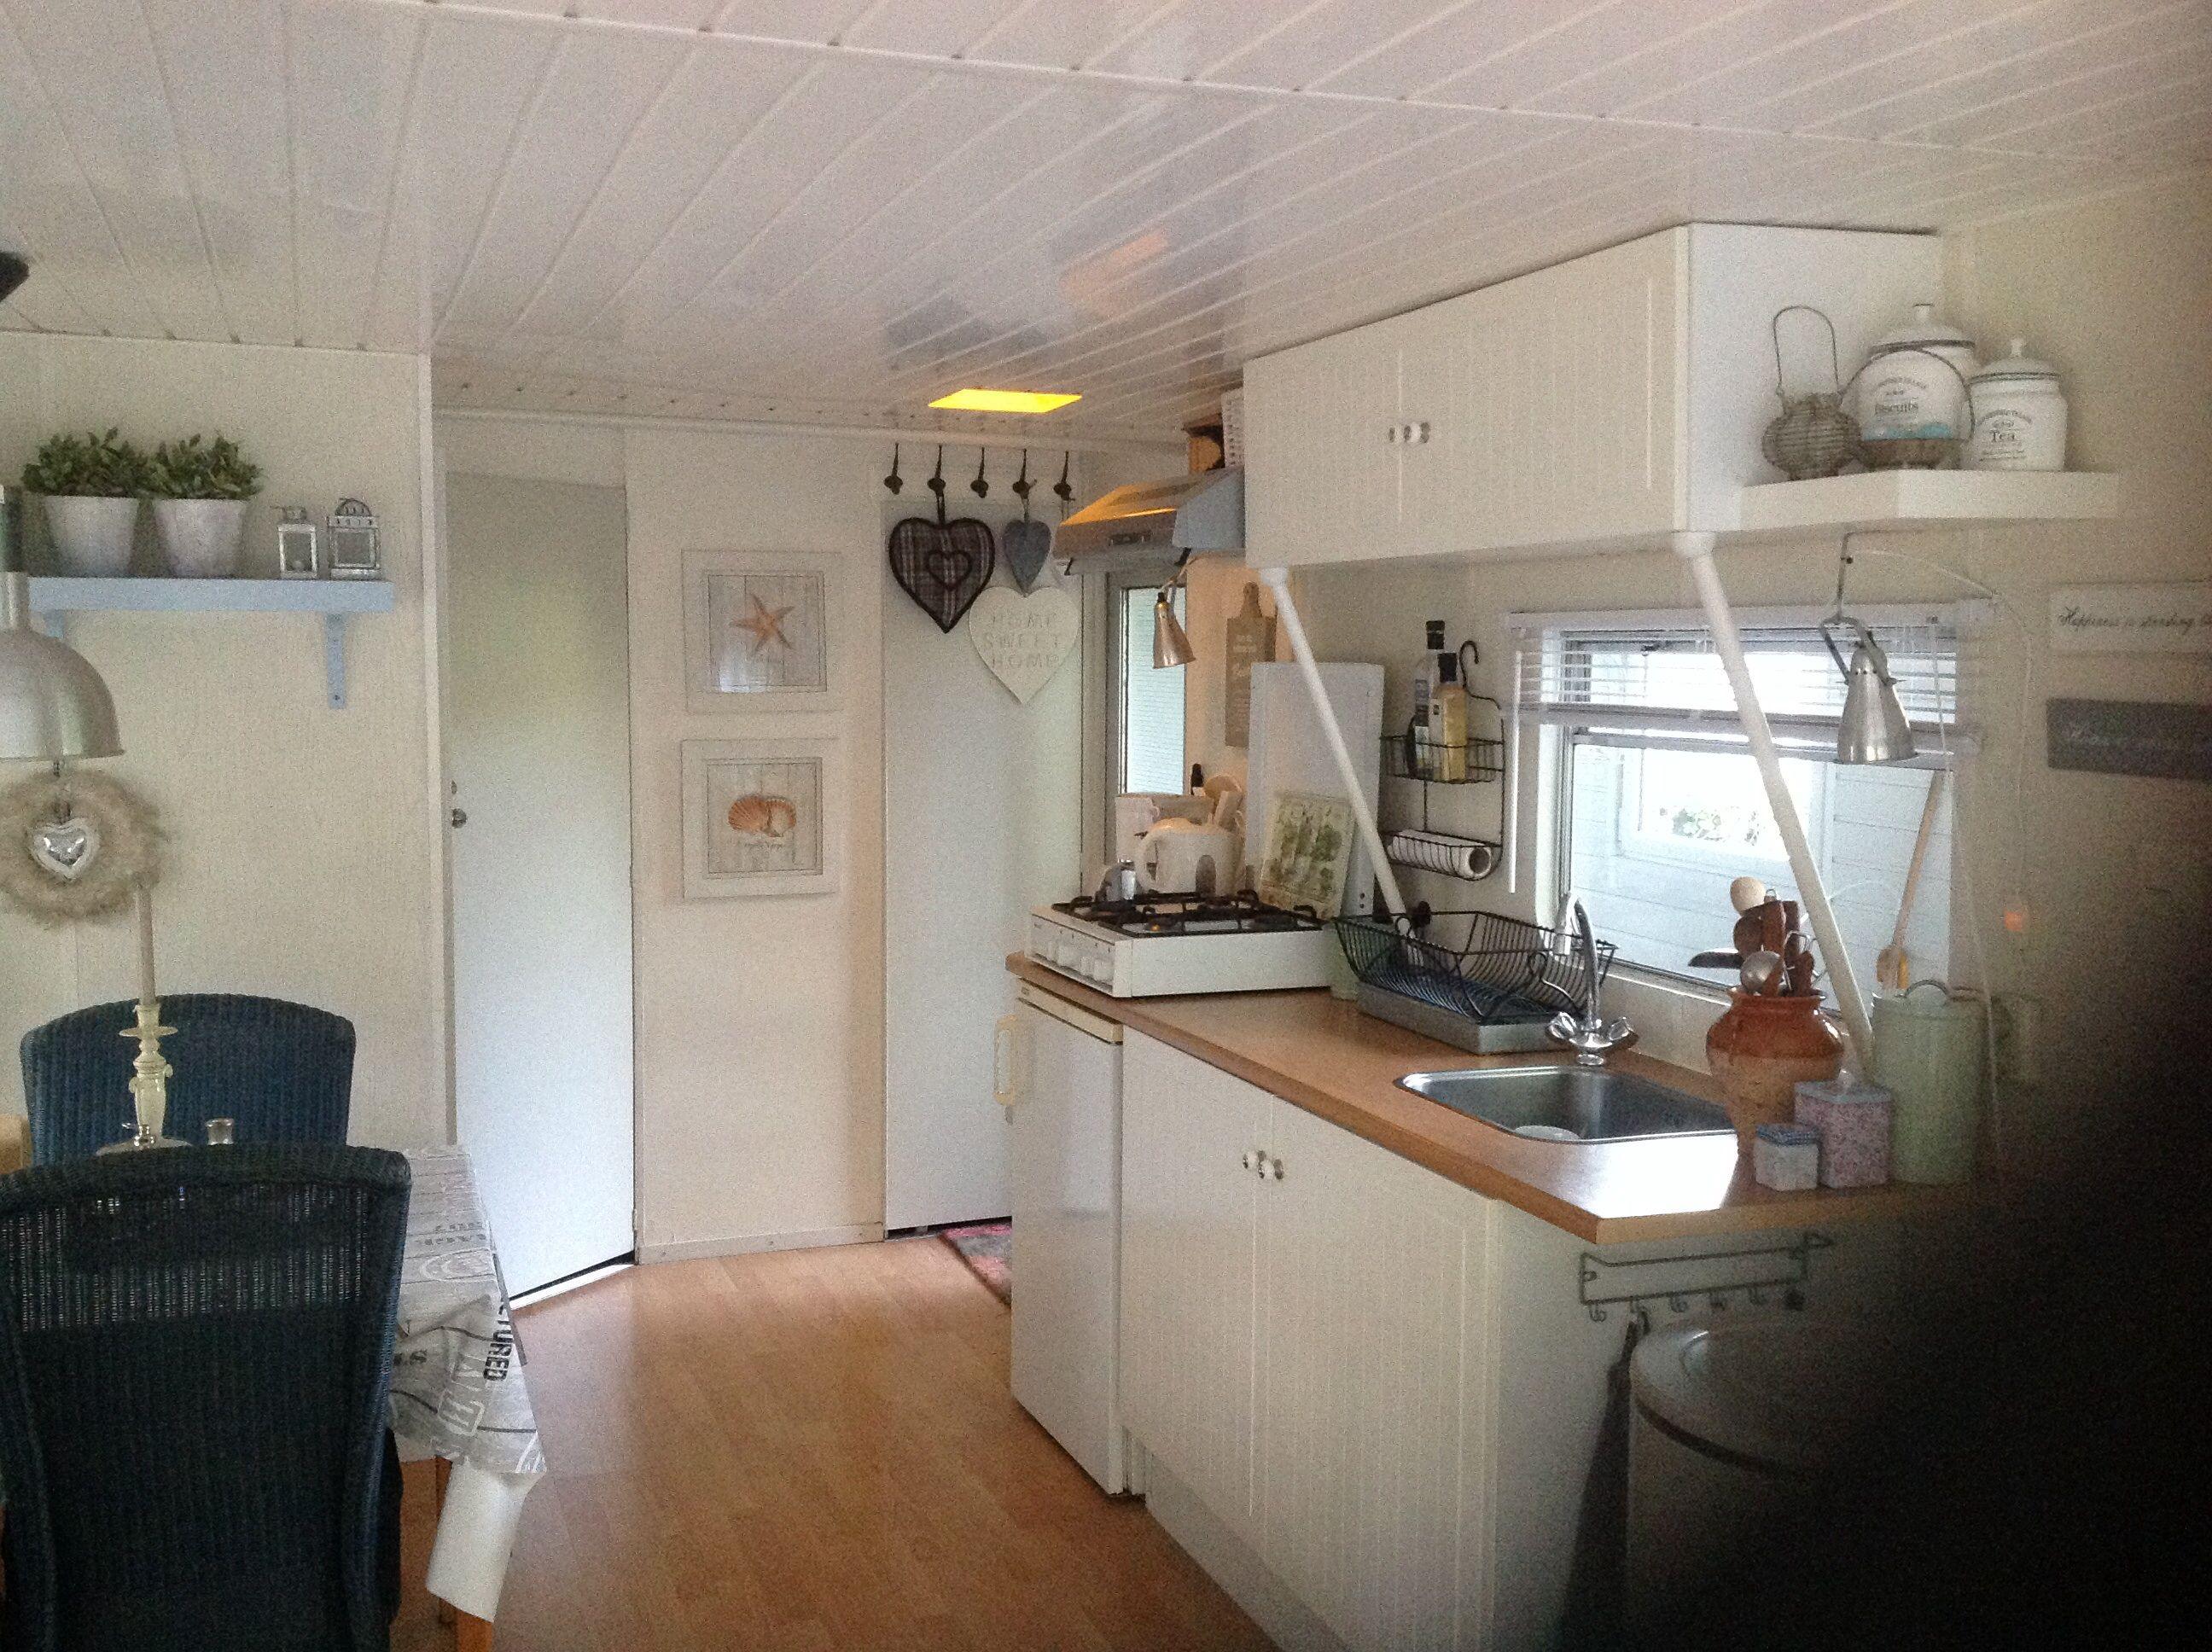 Caravan Kastje Badkamer : Diessen het keukentje met kastjes van ikea de bovenkastjes zijn